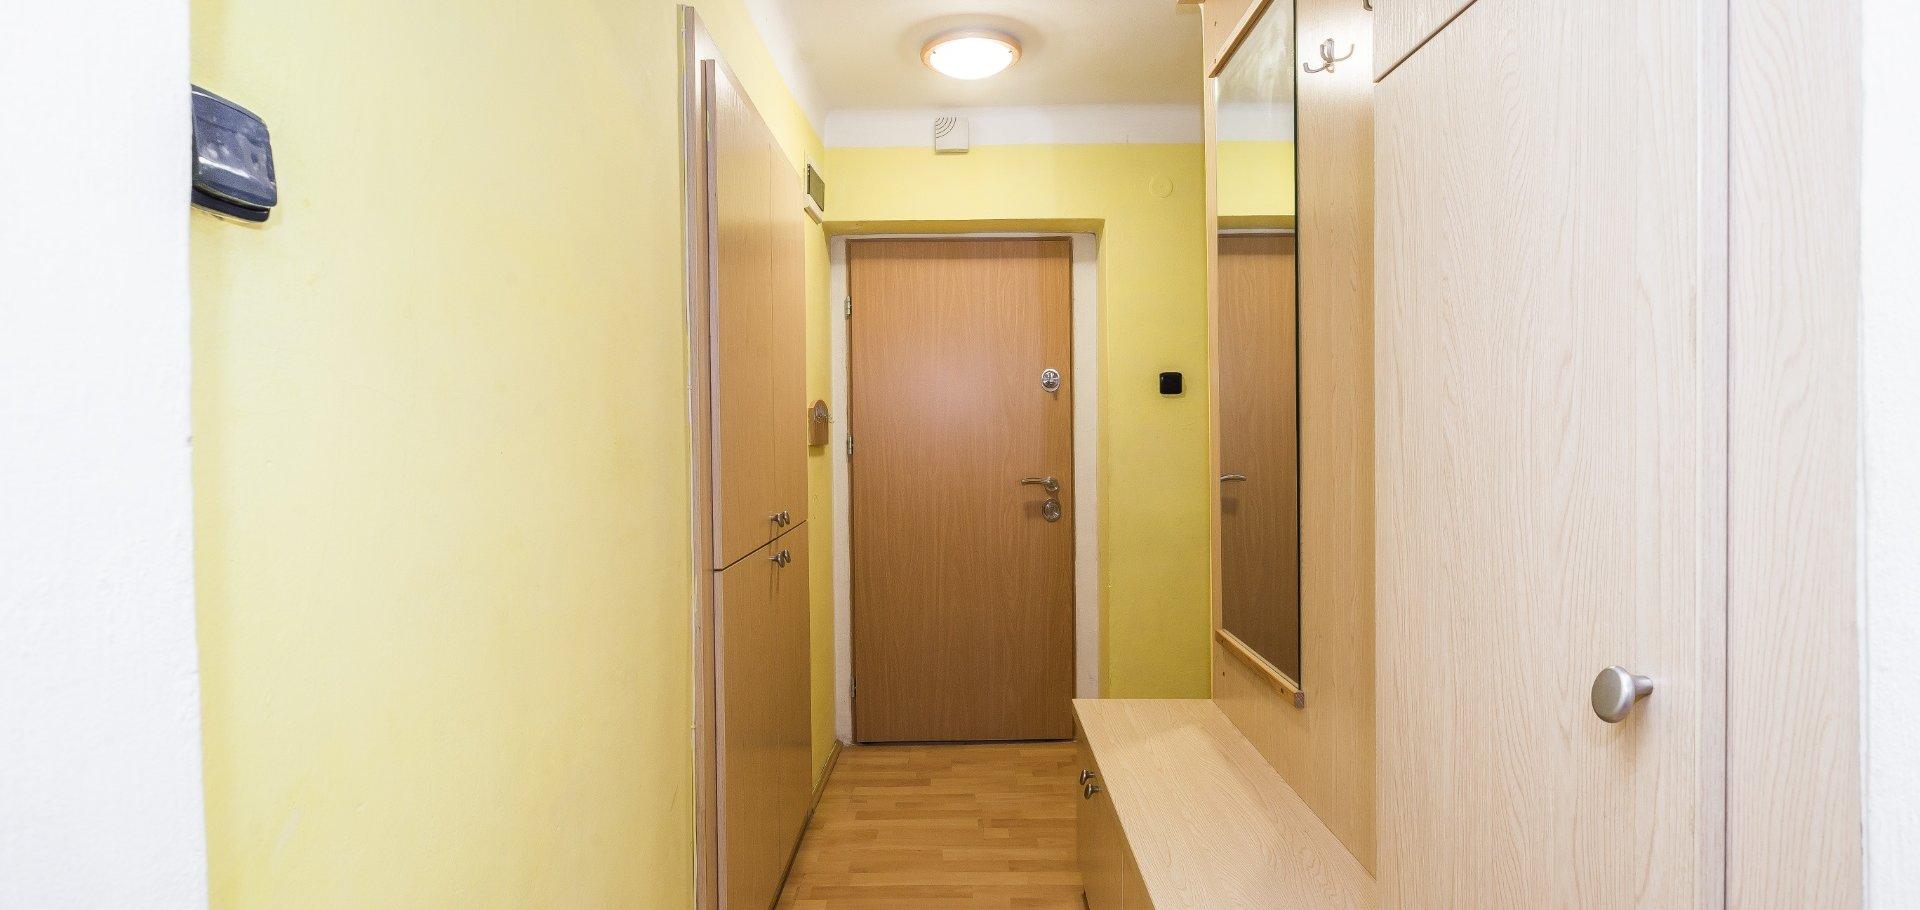 Prostorný byt 2+1 v centru Berouna